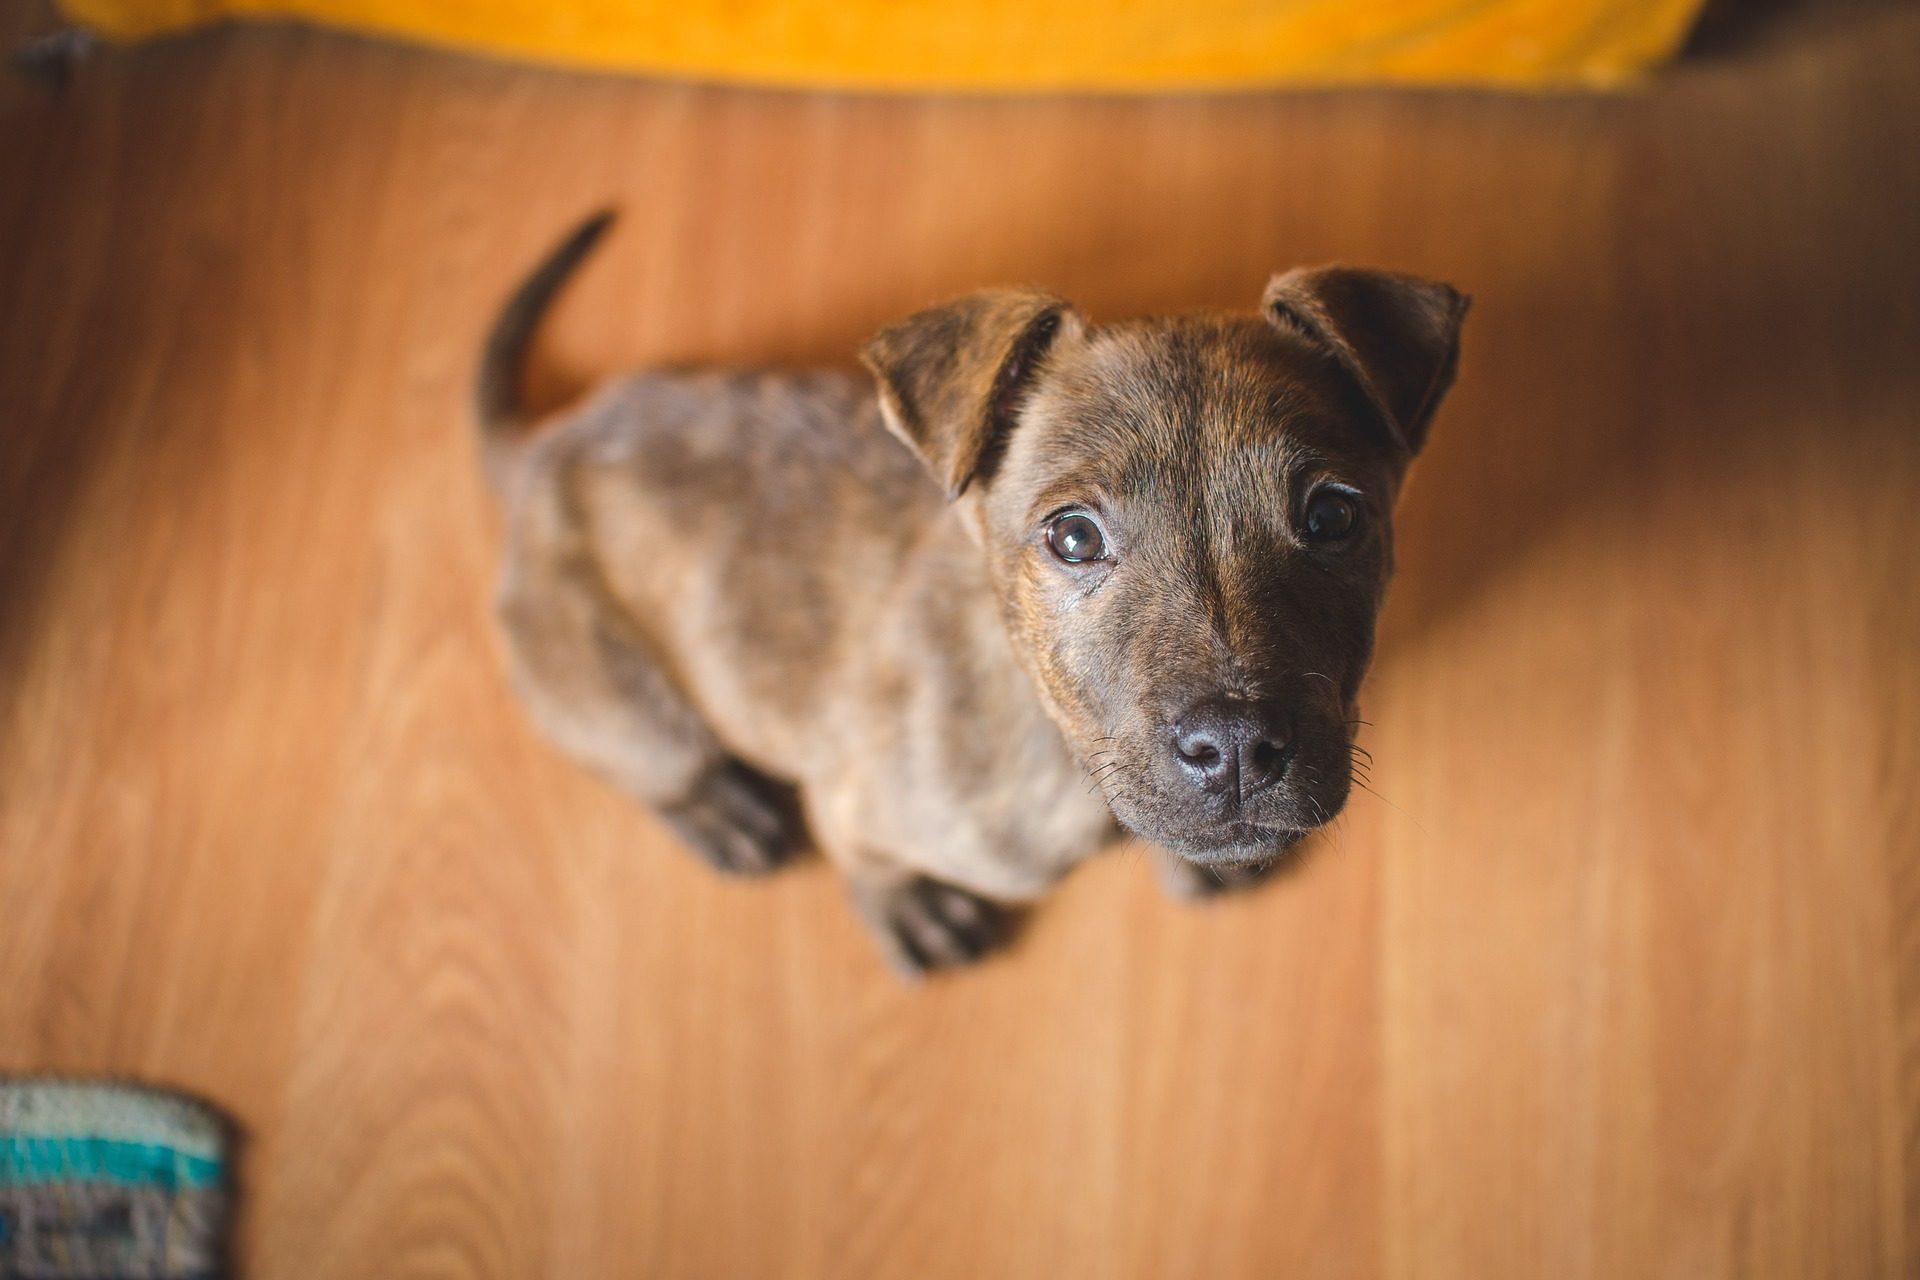 Hund, Welpe, Haustier, Zucht, Blick, Pelz - Wallpaper HD - Prof.-falken.com